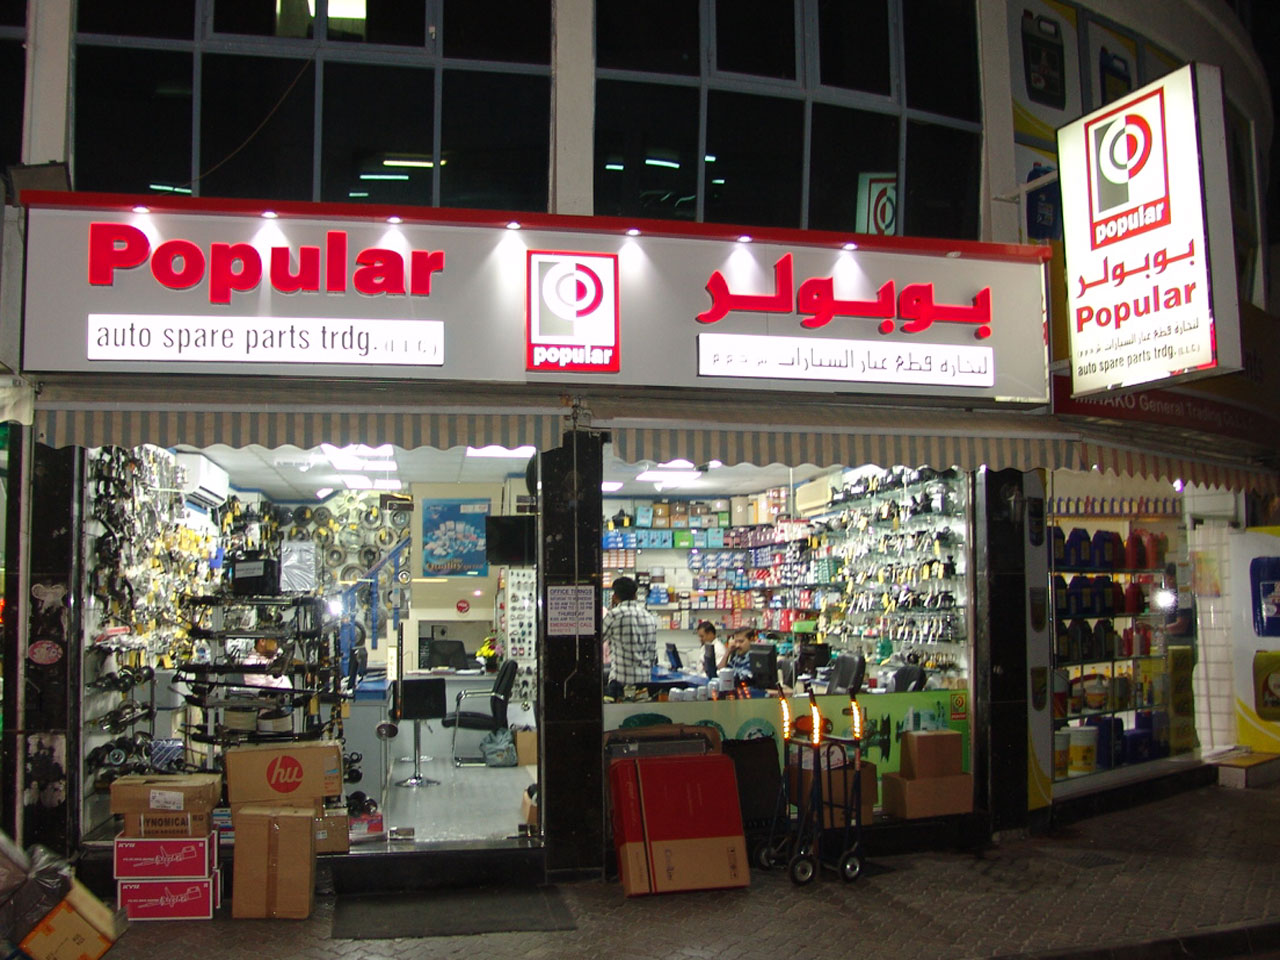 Popular Auto Spare Parts Trading L L C - Dubai - Auto